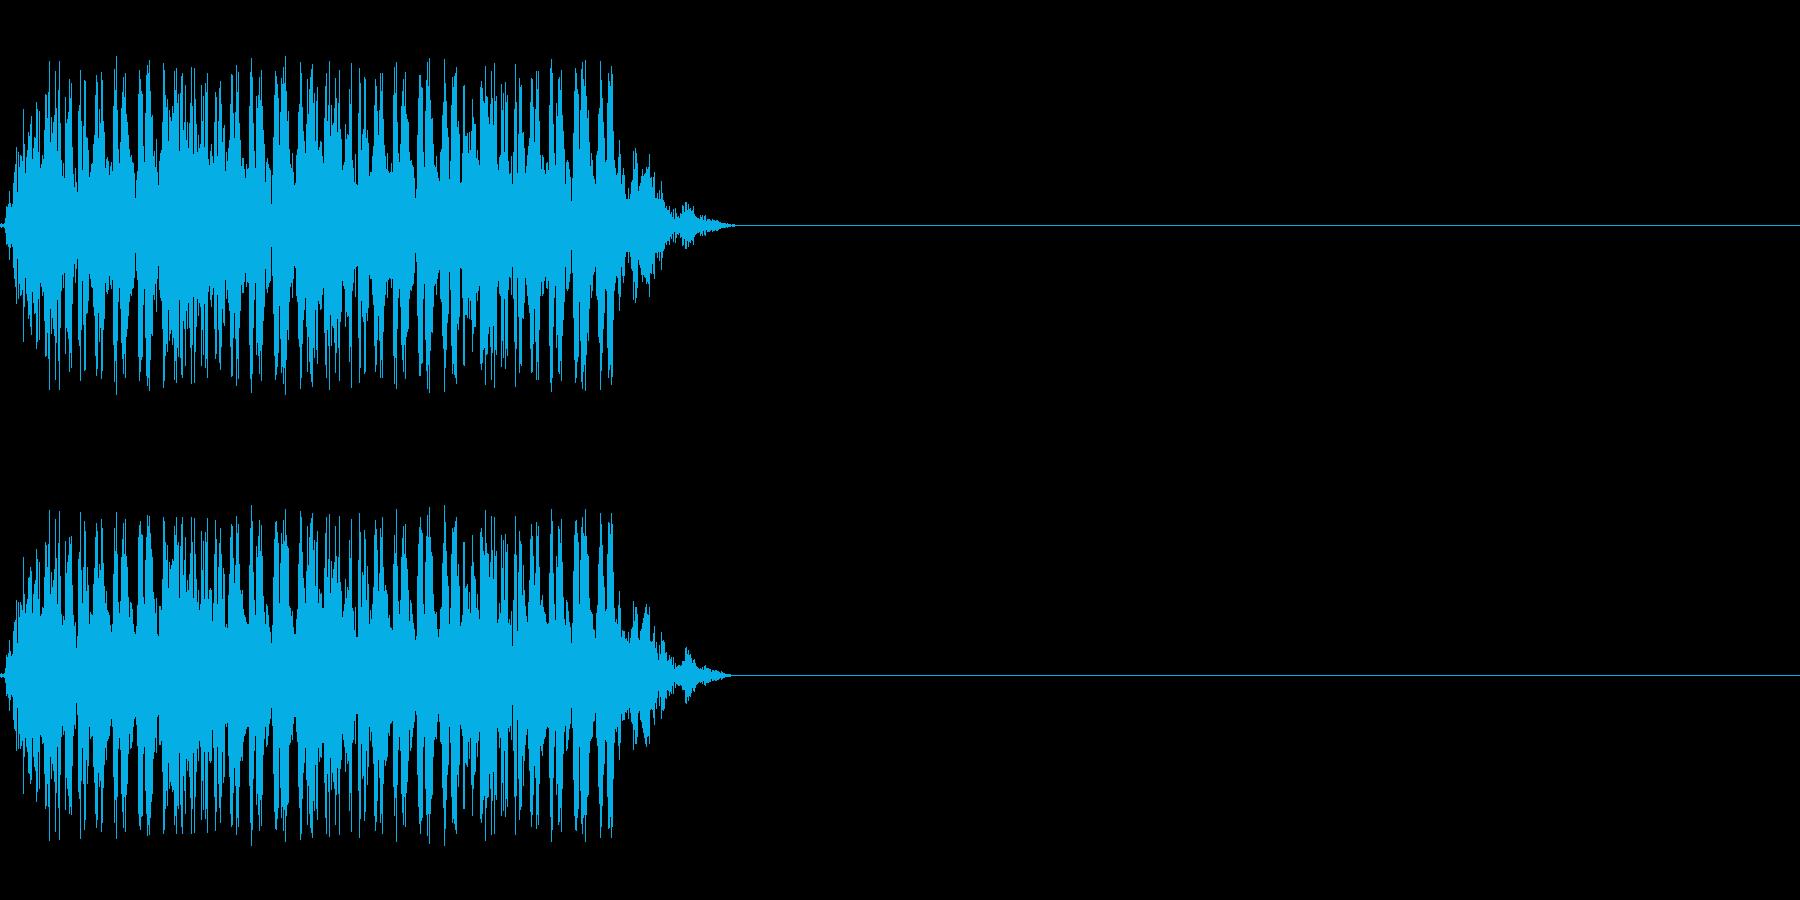 【レーザー01-4】の再生済みの波形